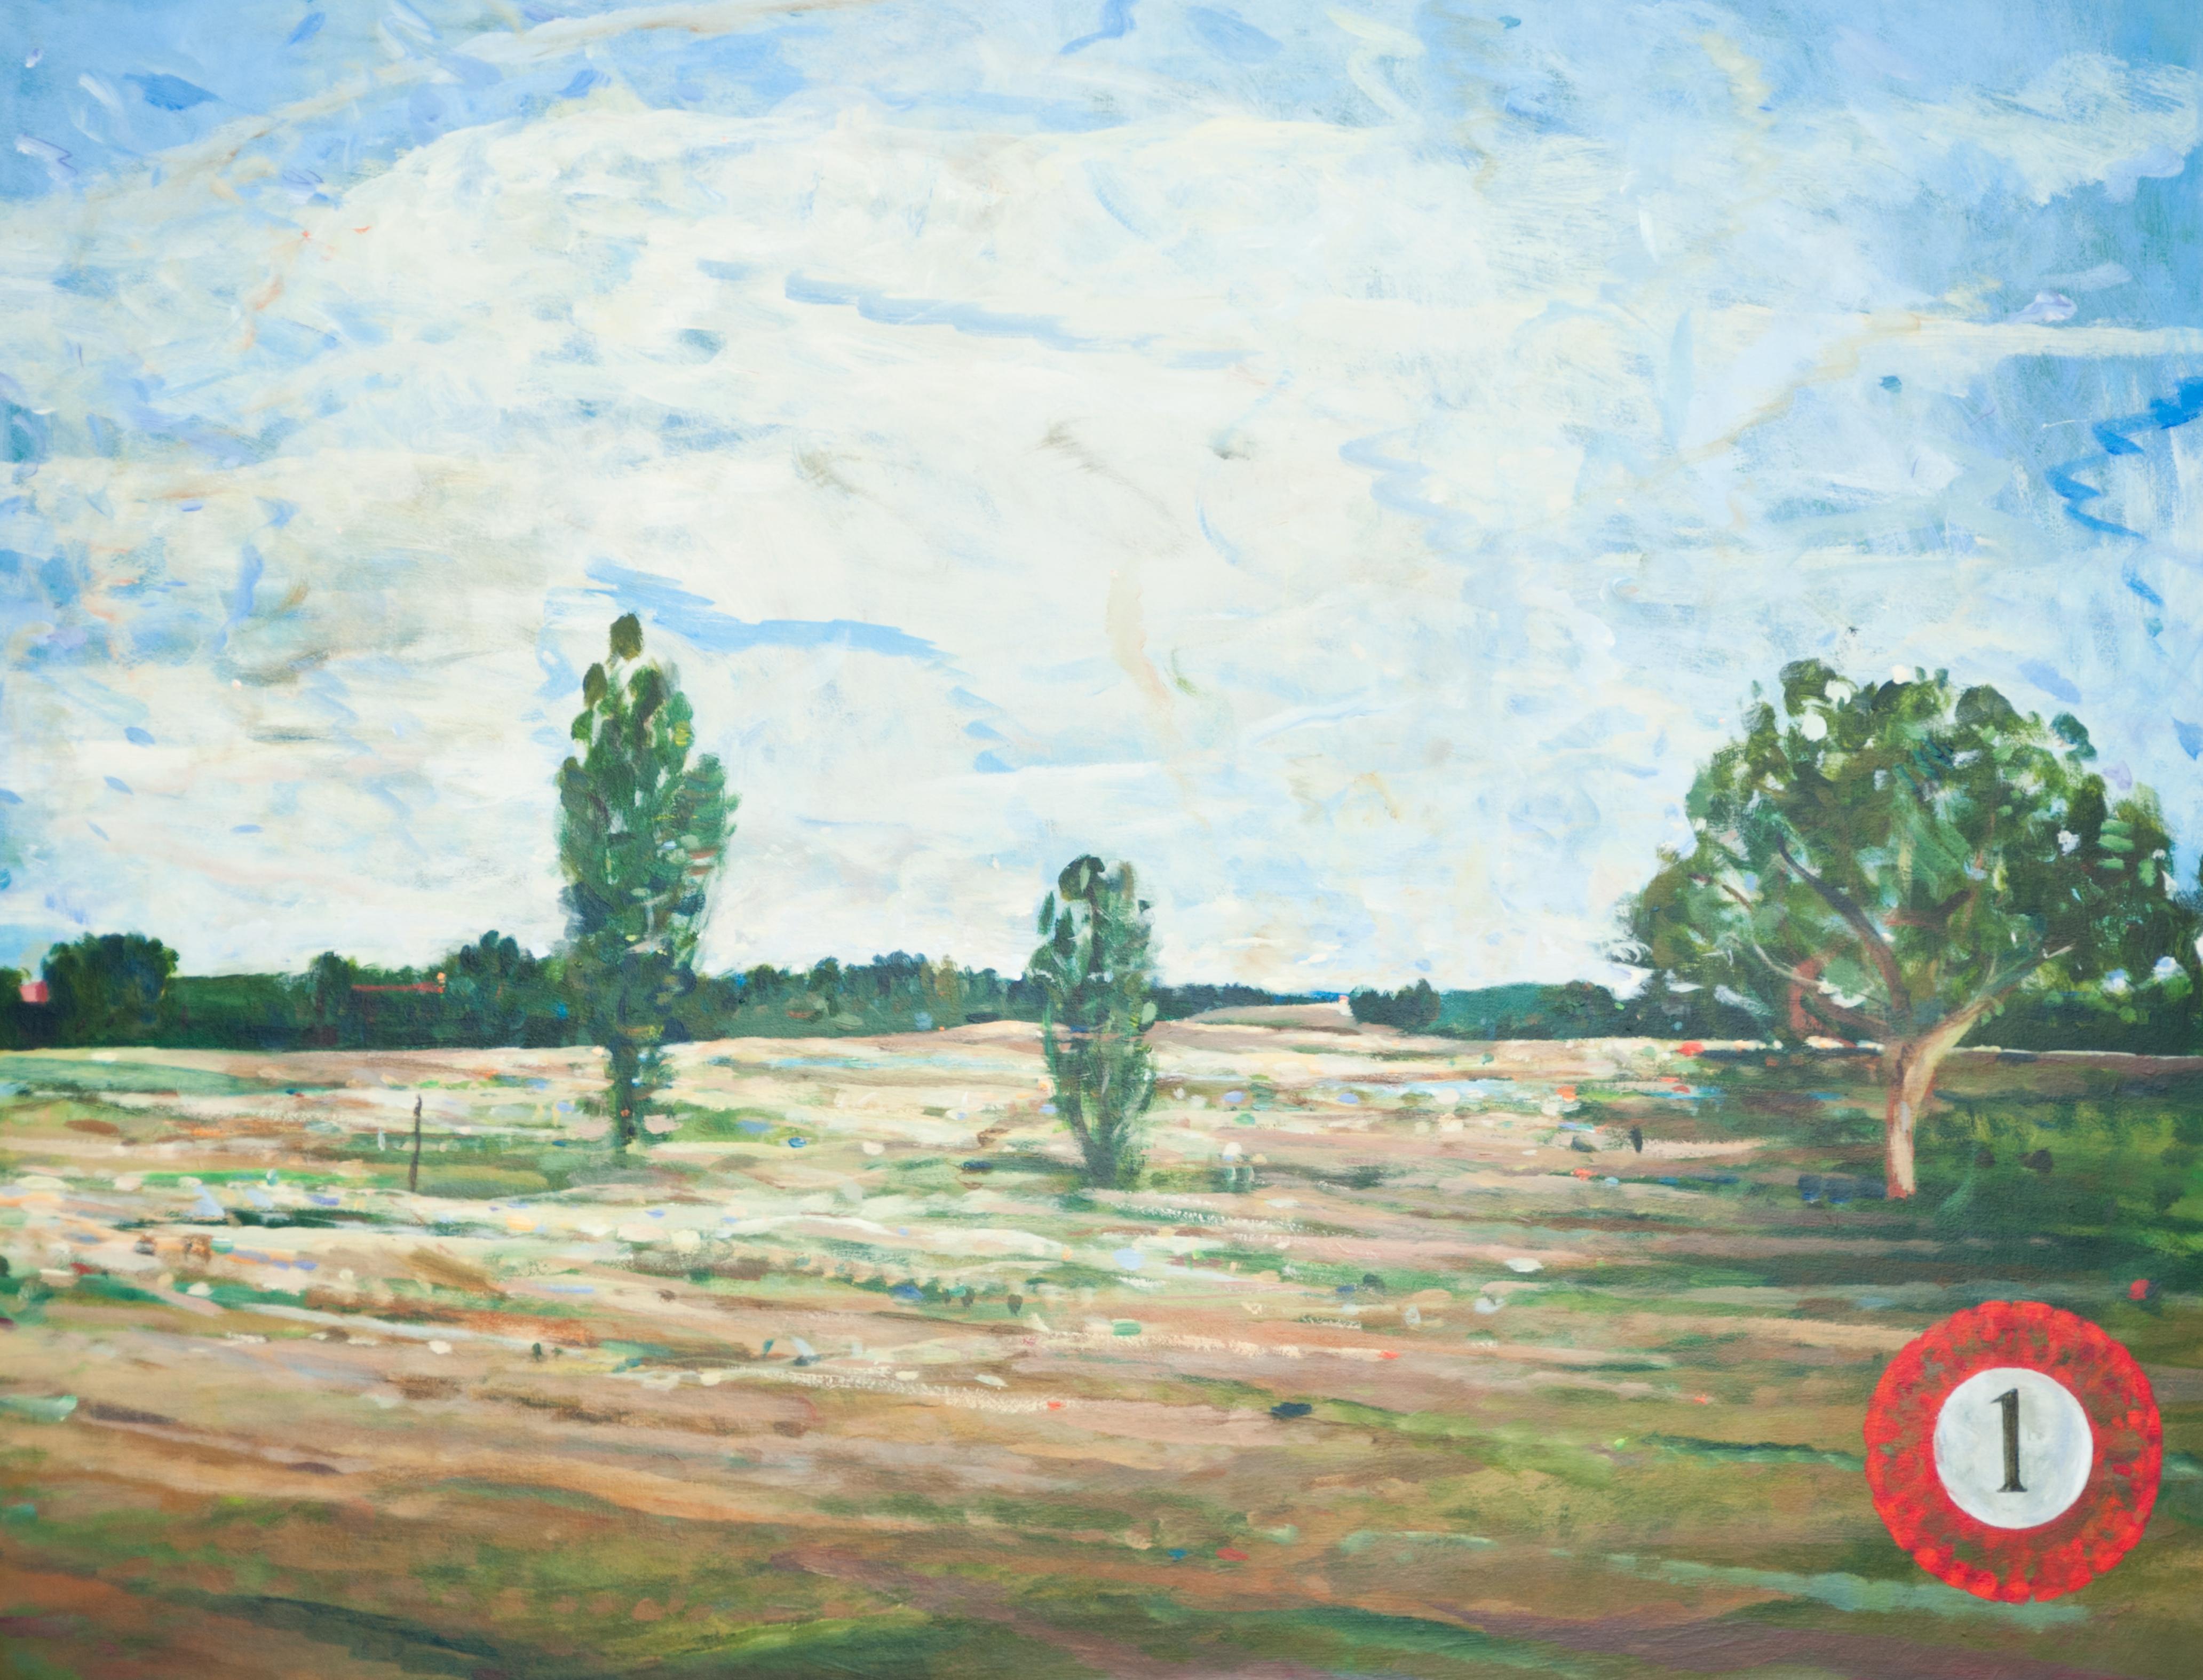 Thomas Edetun - Landskap 1 - Klicka för att byta till perspektivbild.